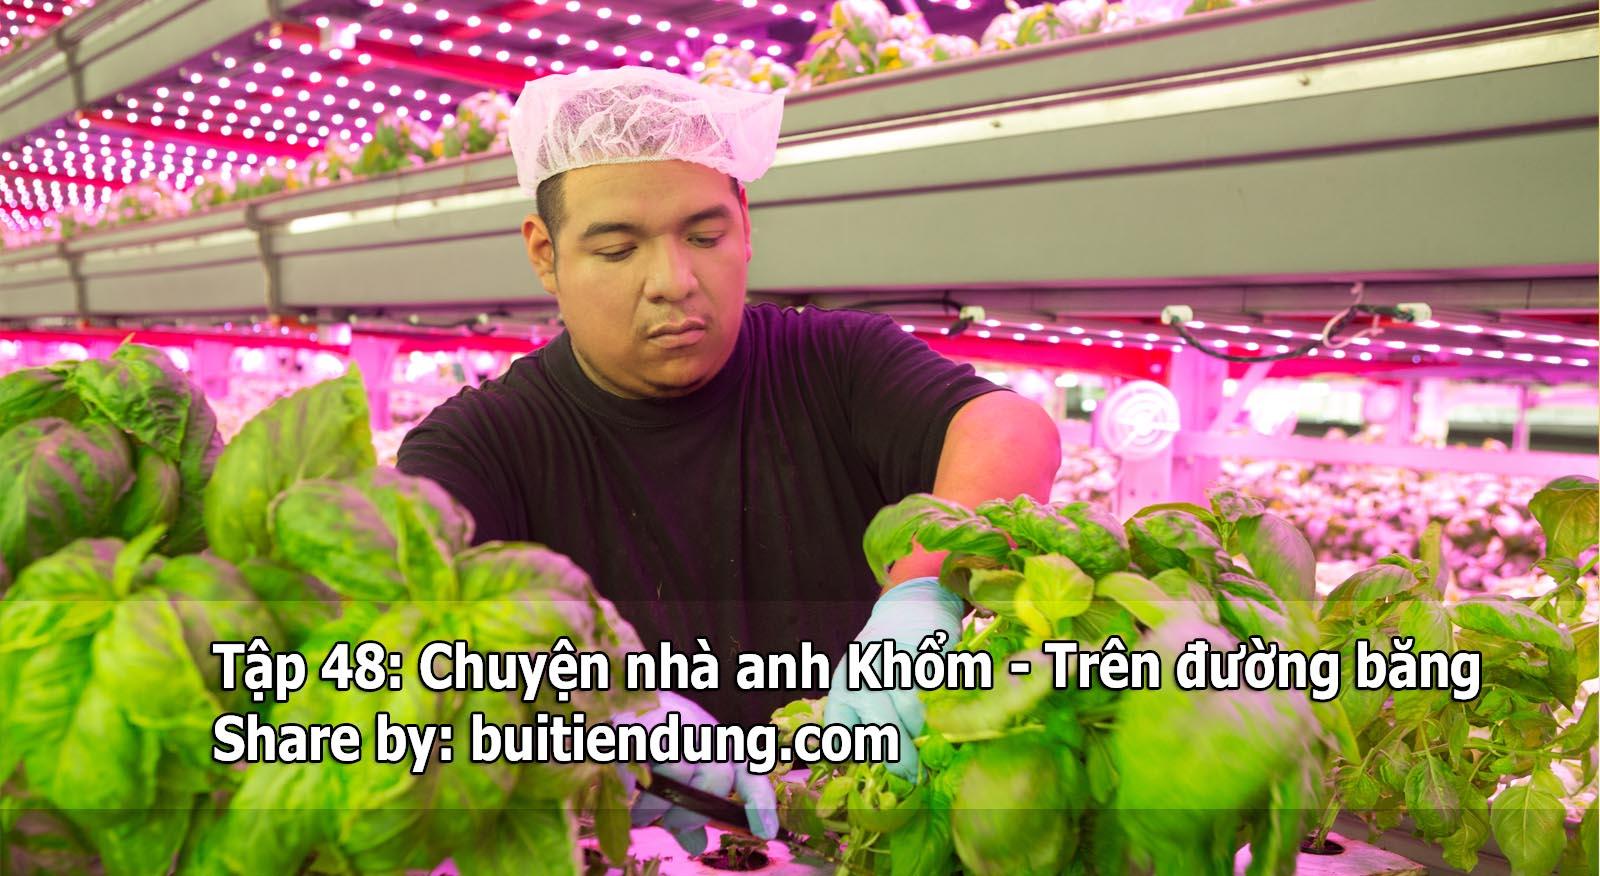 tap-48-chuyen-nha-anh-khom-tren-duong-bang-tony-buoi-sang